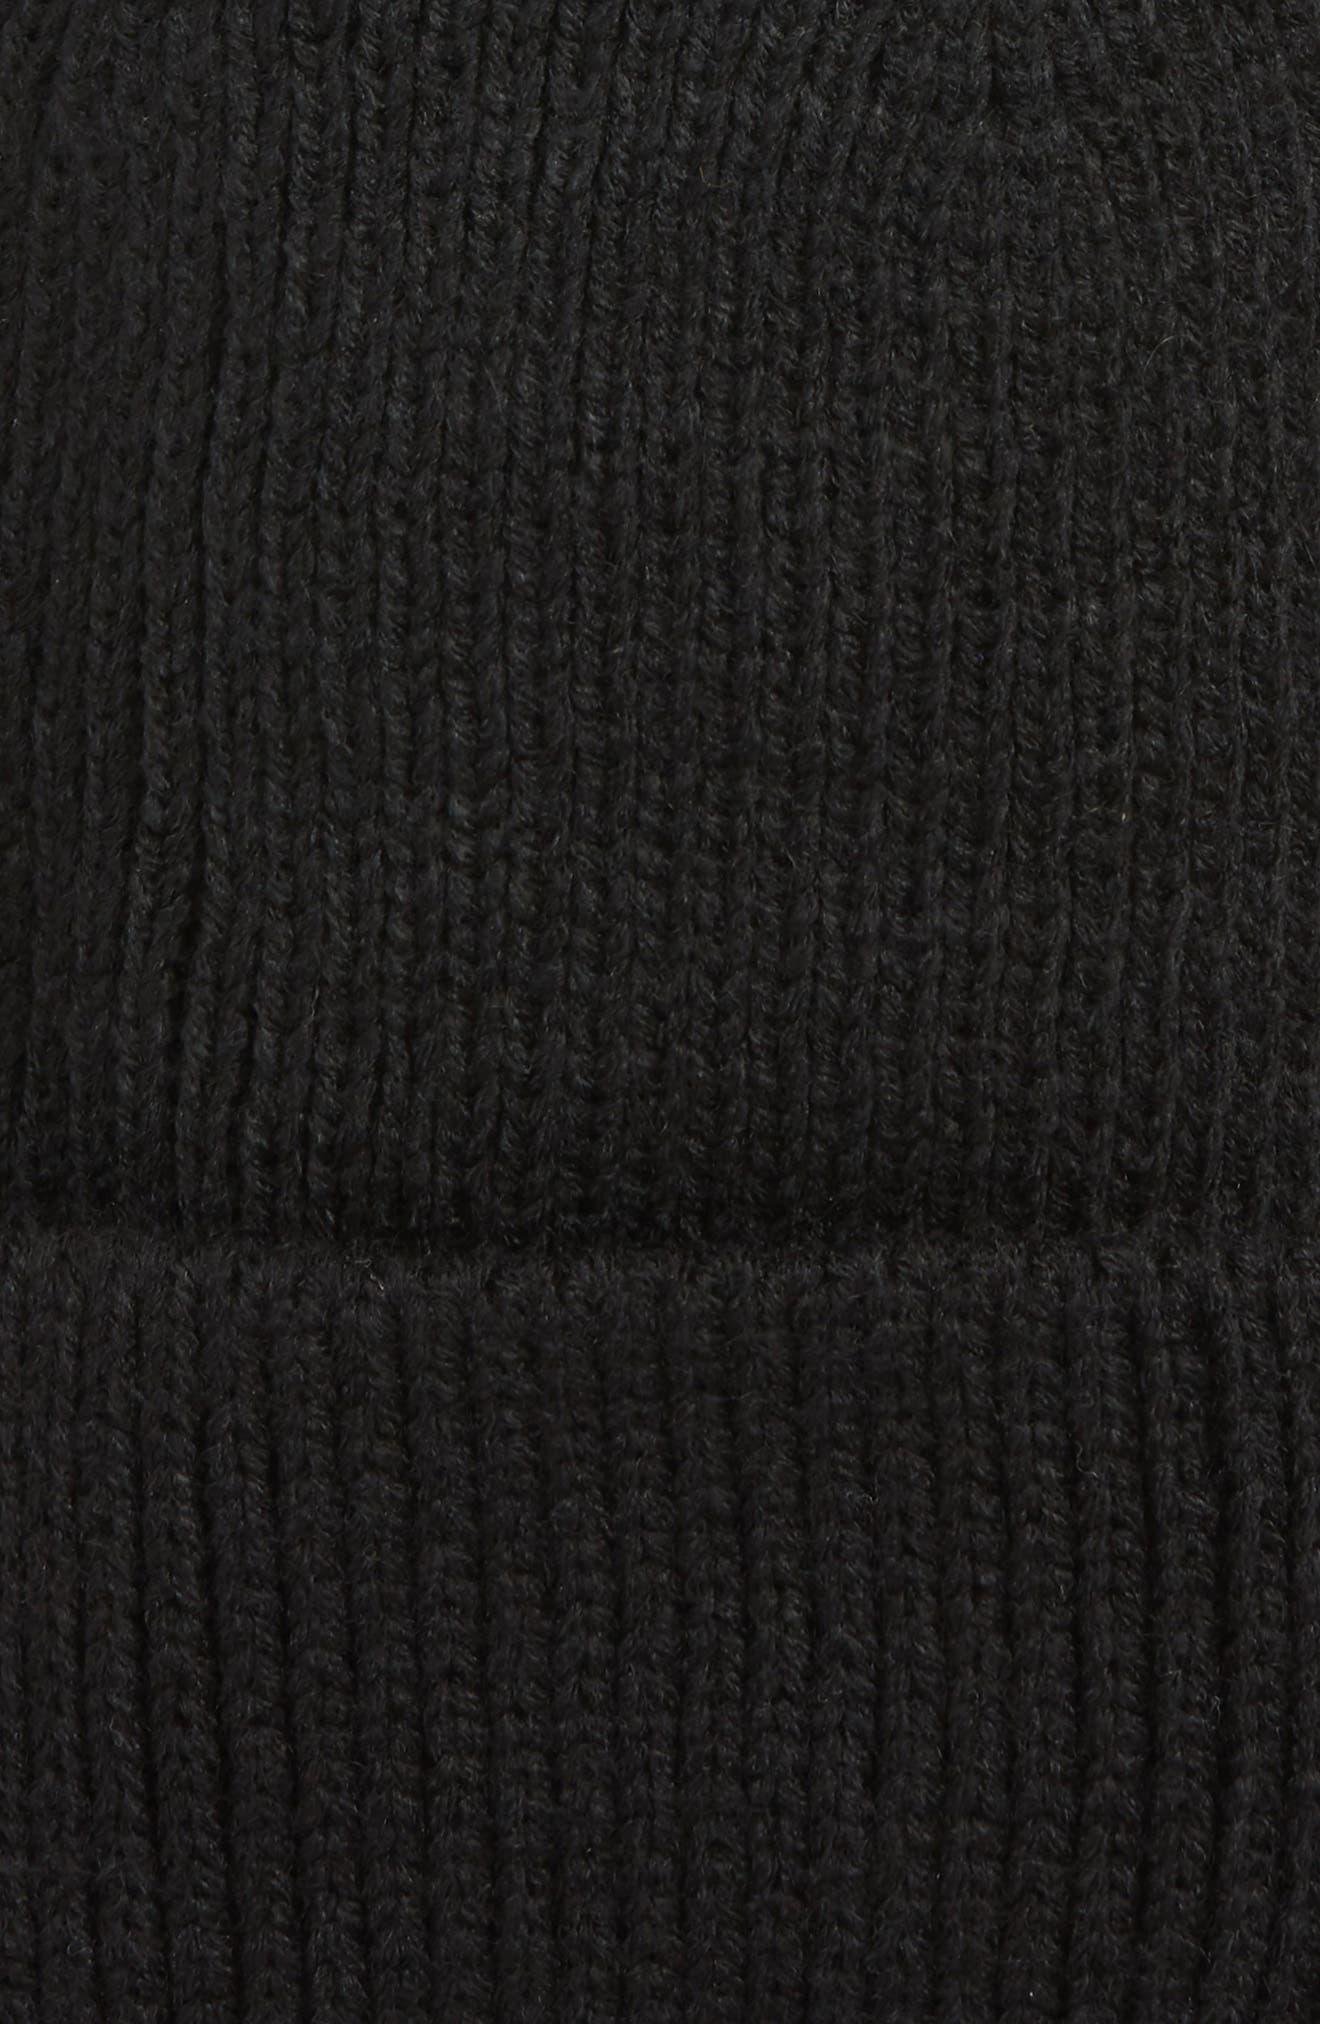 Cuff Beanie,                             Alternate thumbnail 2, color,                             BLACK